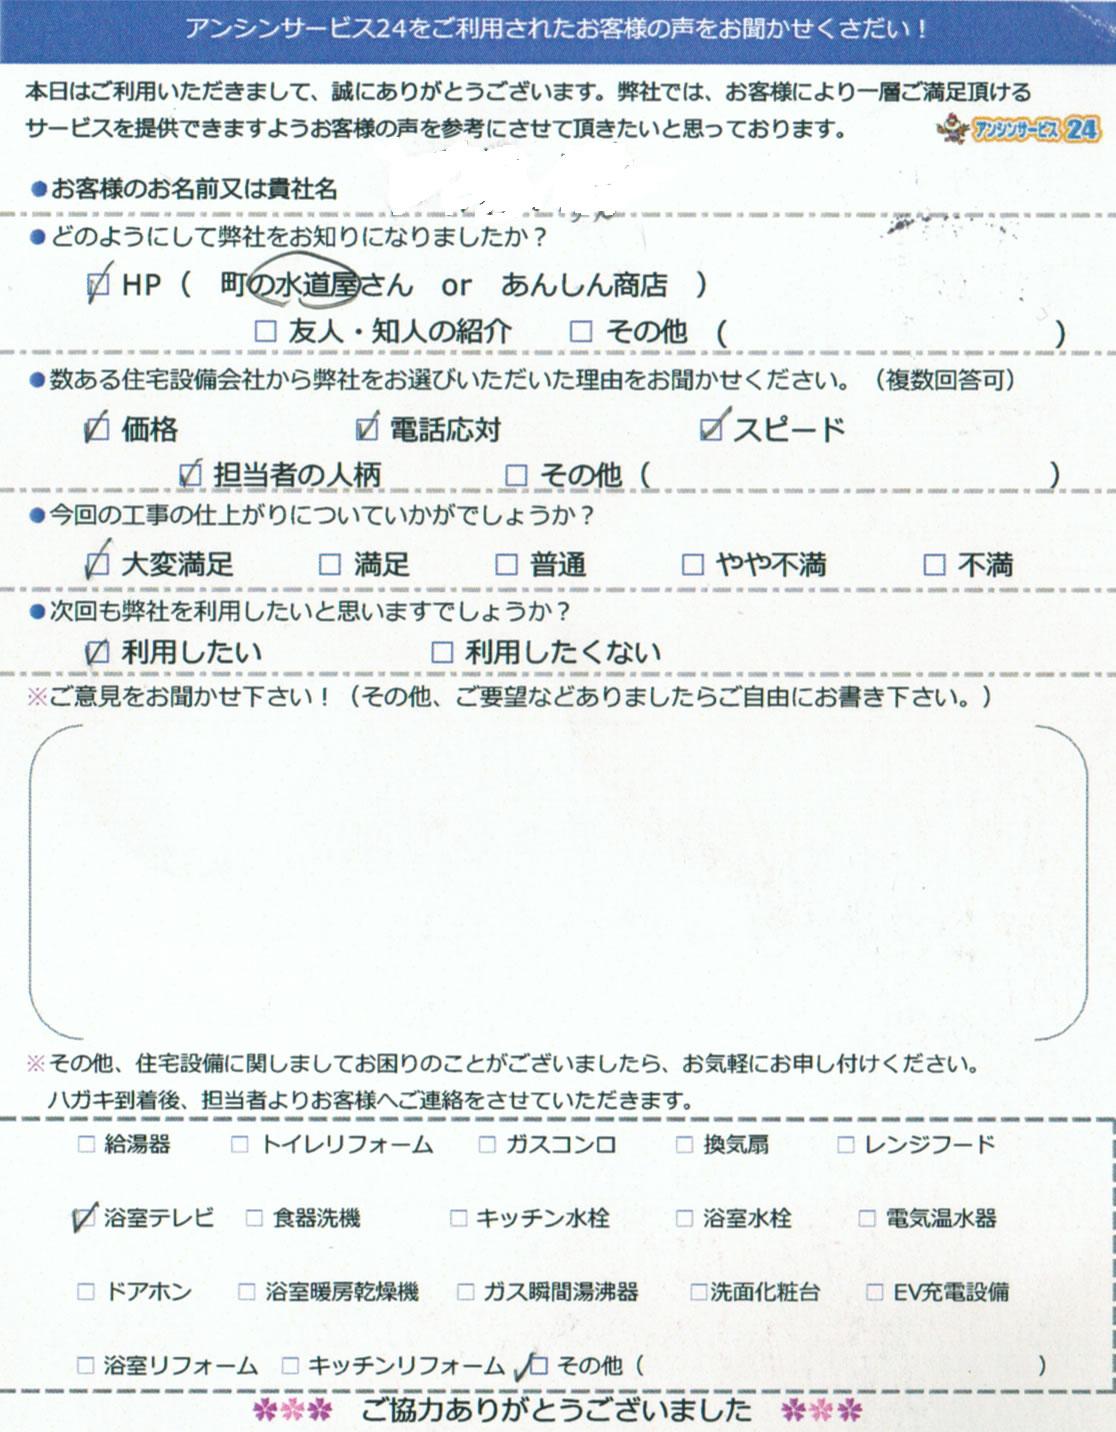 清須市 浴室テレビ・水道メンテナンス工事のお客様